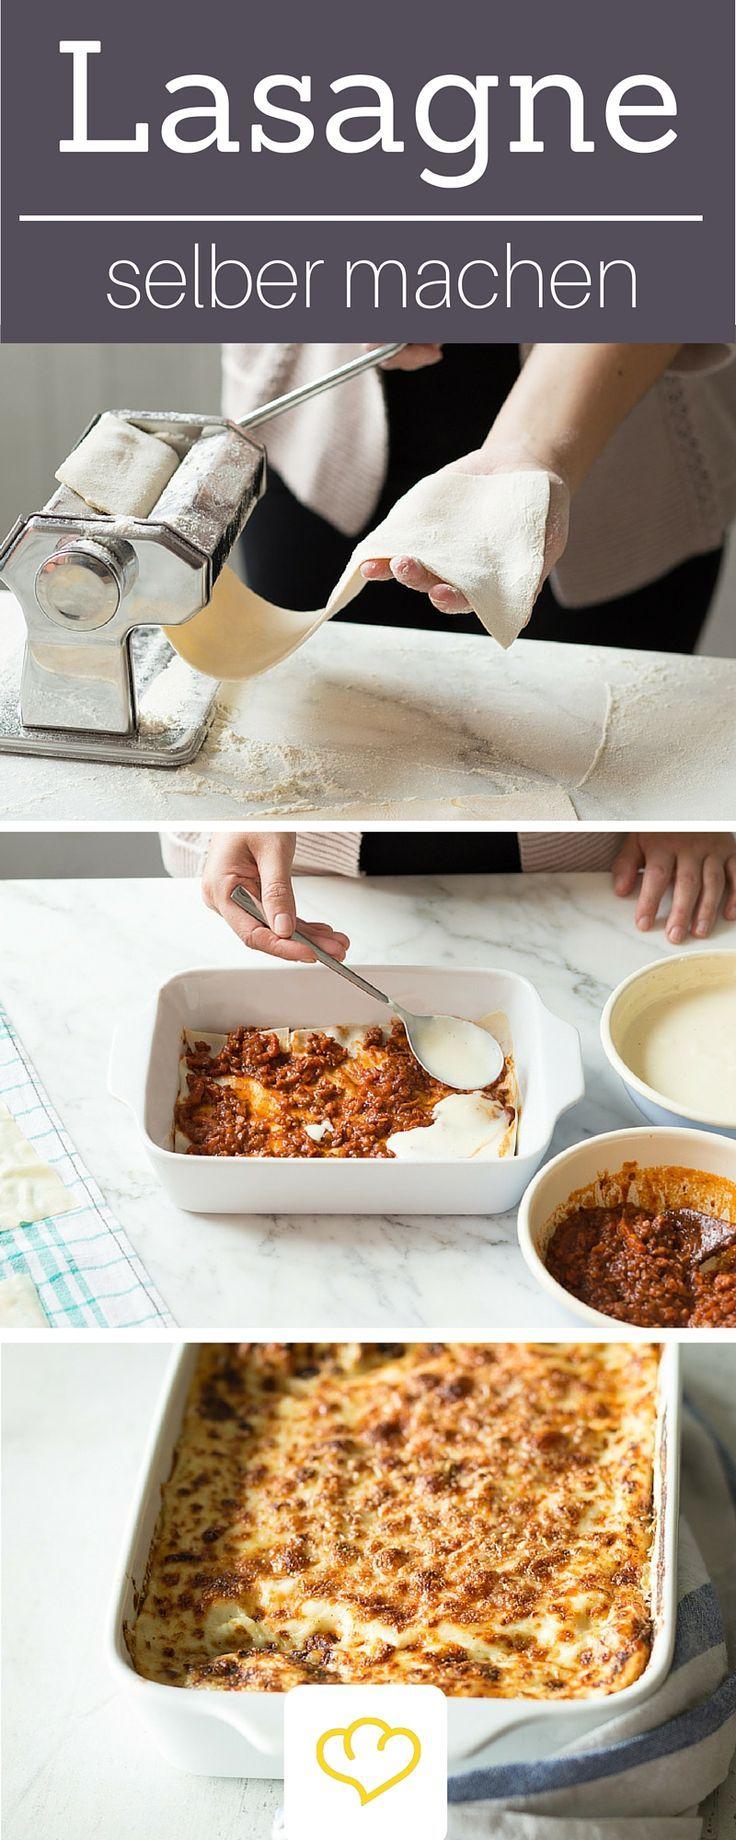 Alles hausgemacht: so macht ihr Lasagne zuhause selber. Alles step by step erklärt!